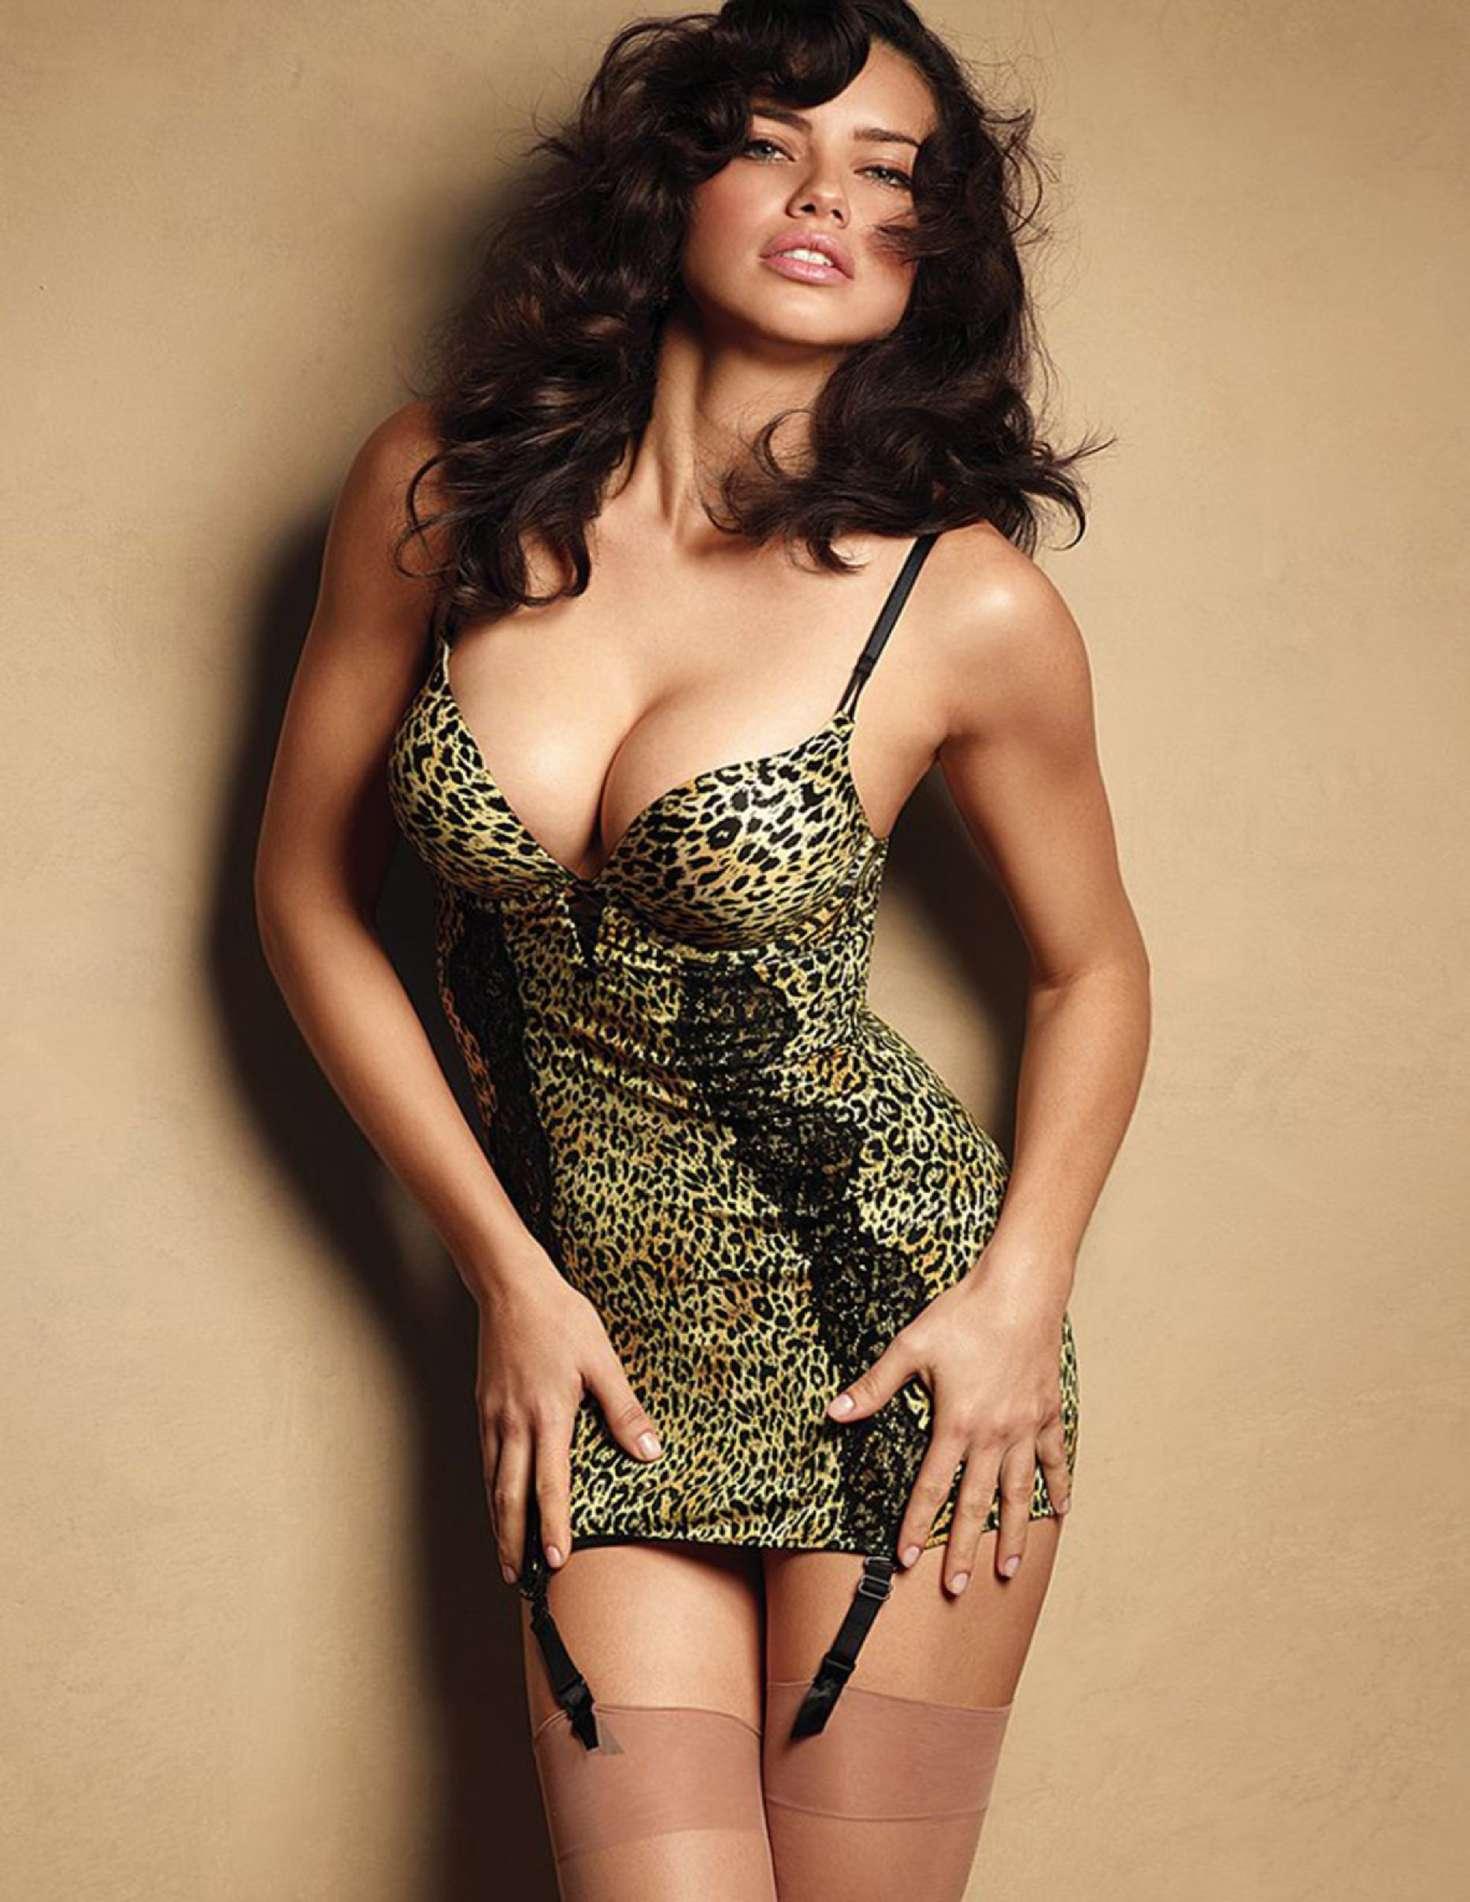 Adriana-Lima-Sexy-7